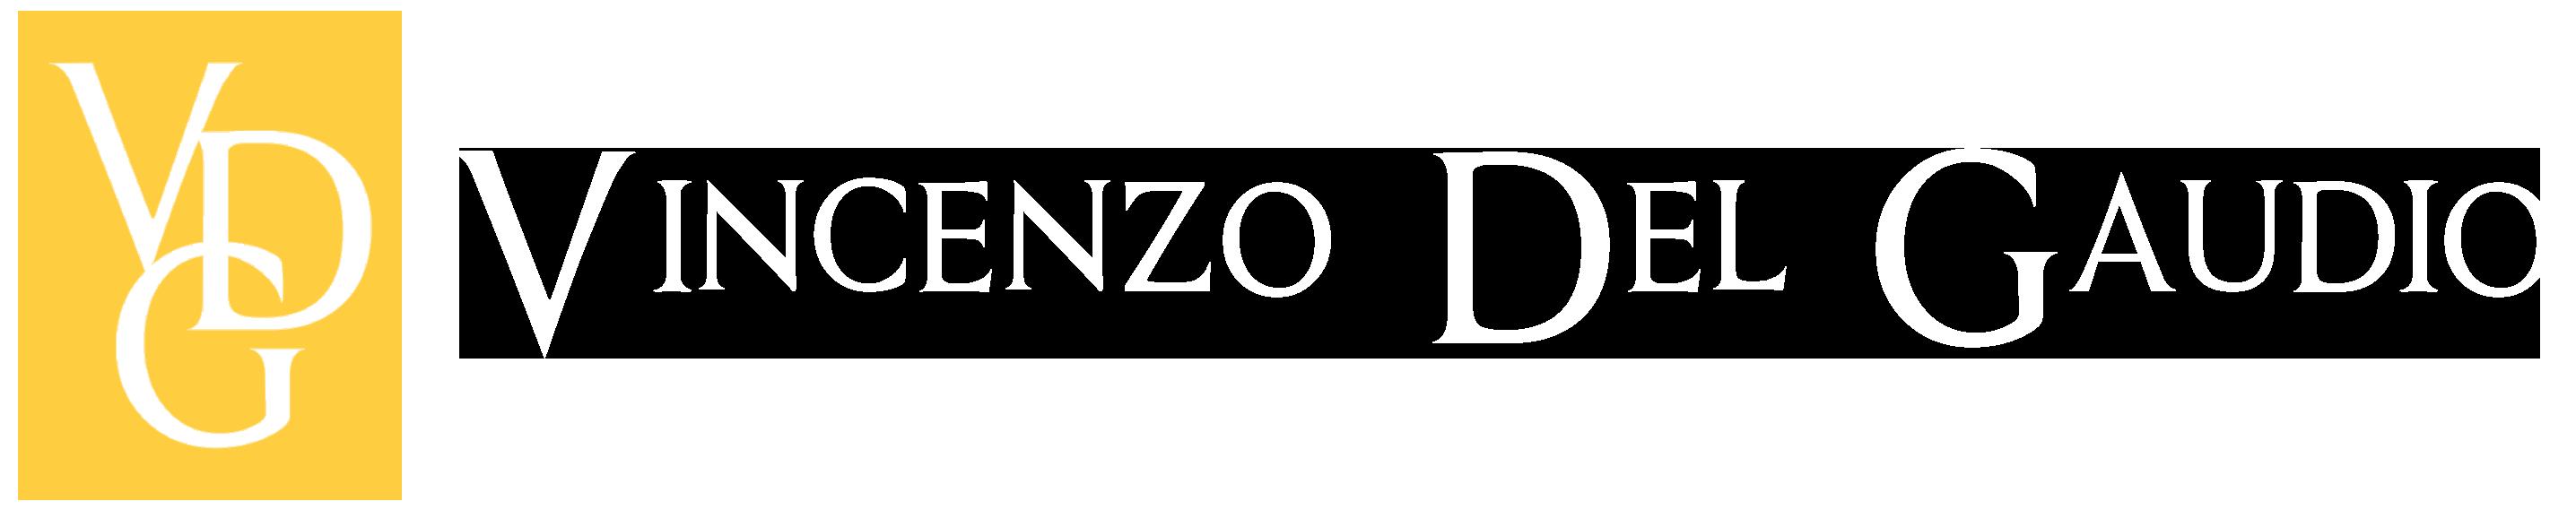 VDG-logoStk-retina